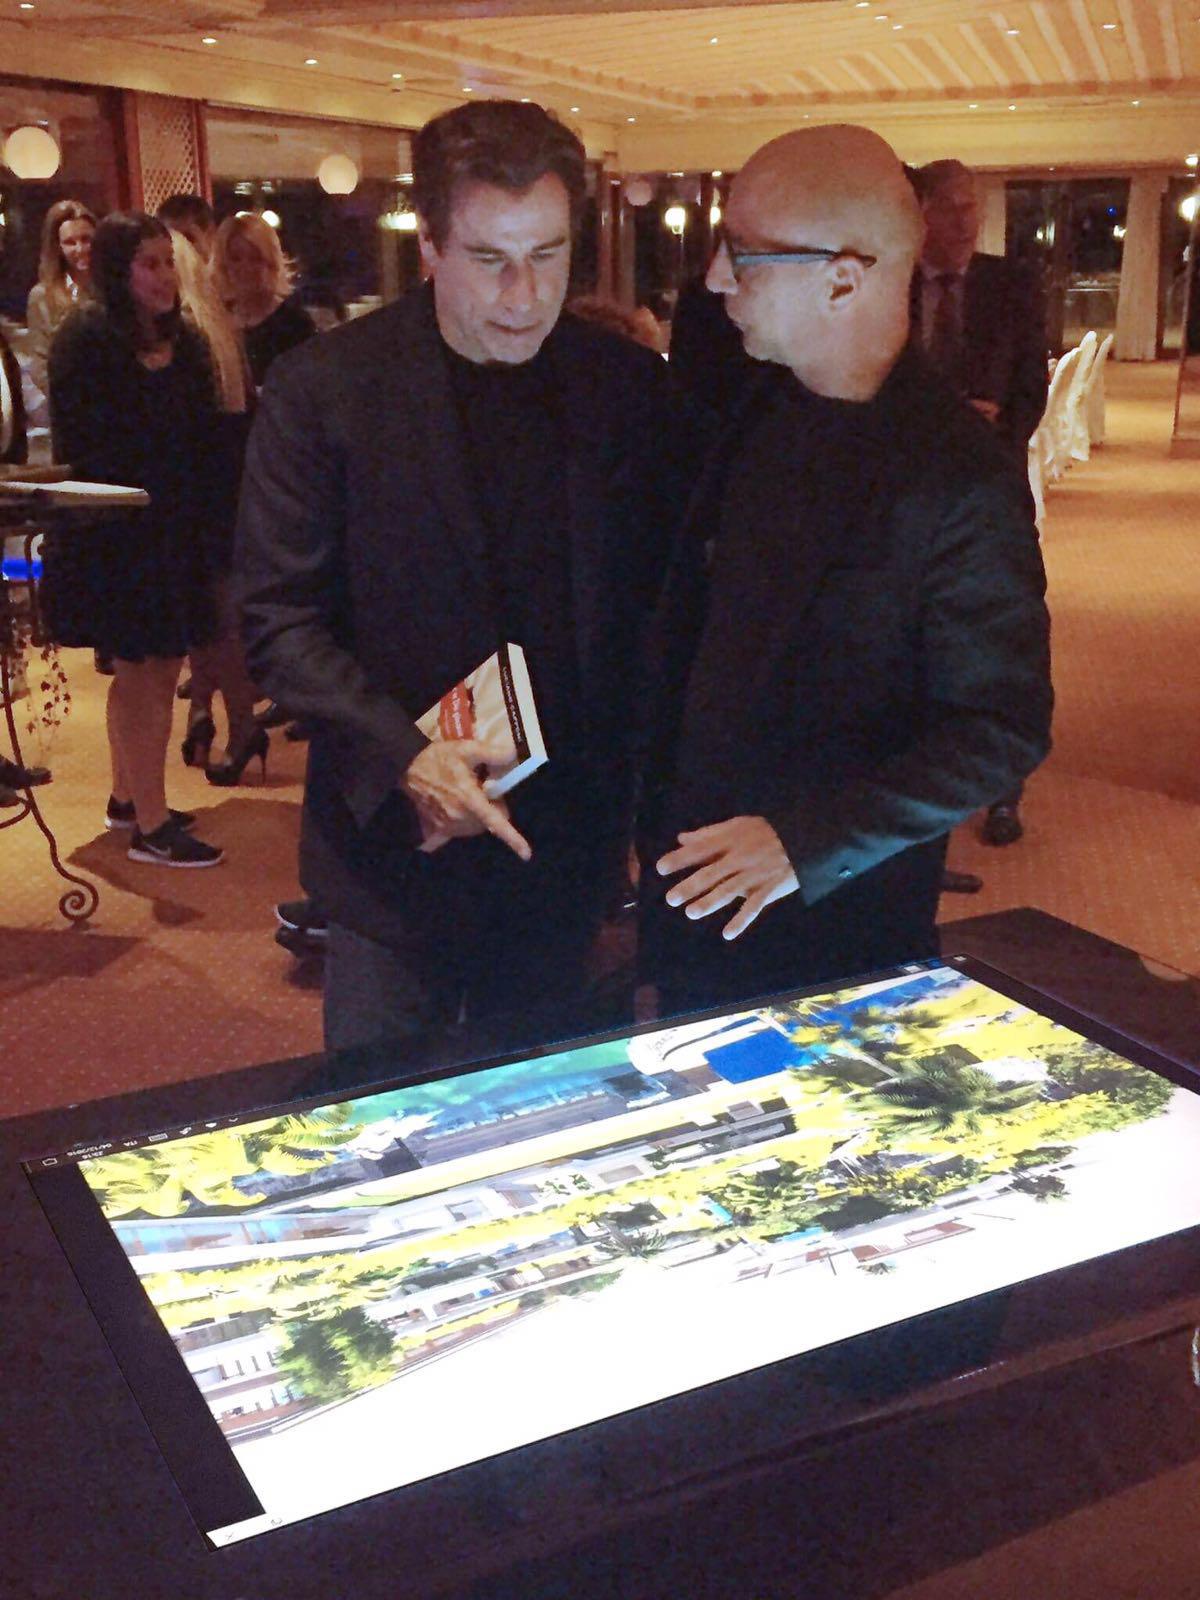 John Travolta and Danilo Cascella